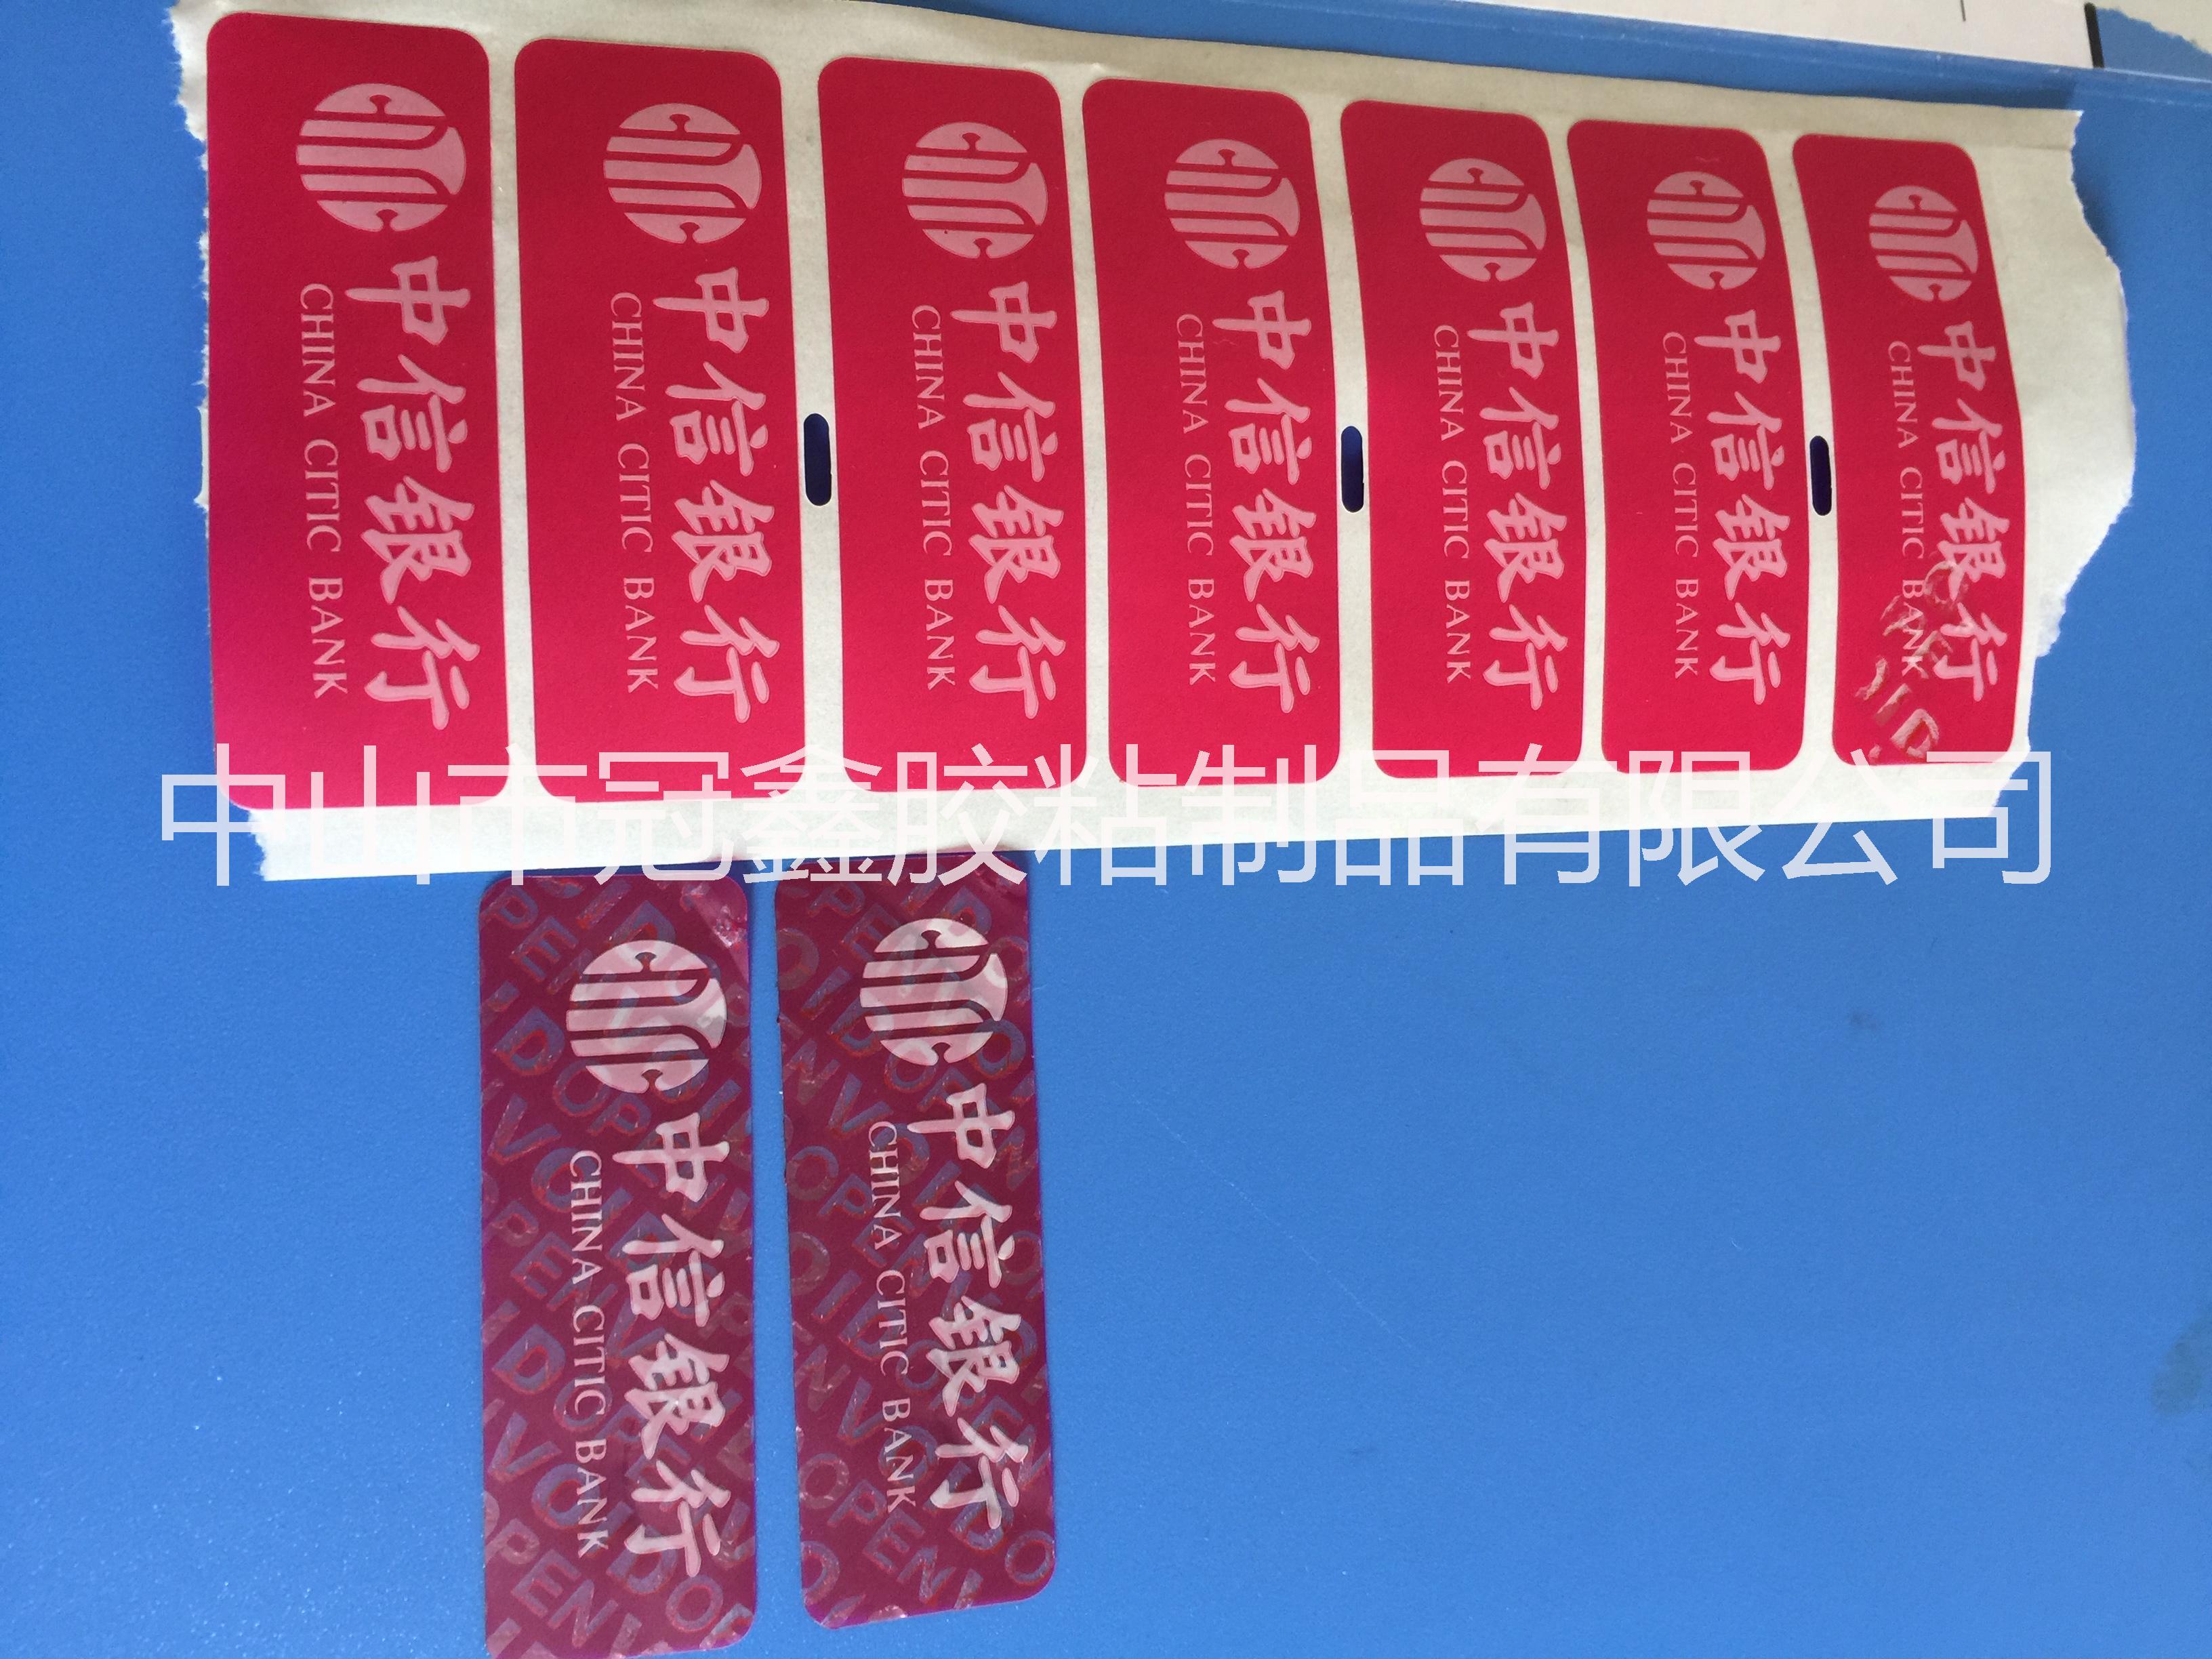 供应 银行一次性防伪贴纸 银行专用防伪标签 ATM机专用防伪标签